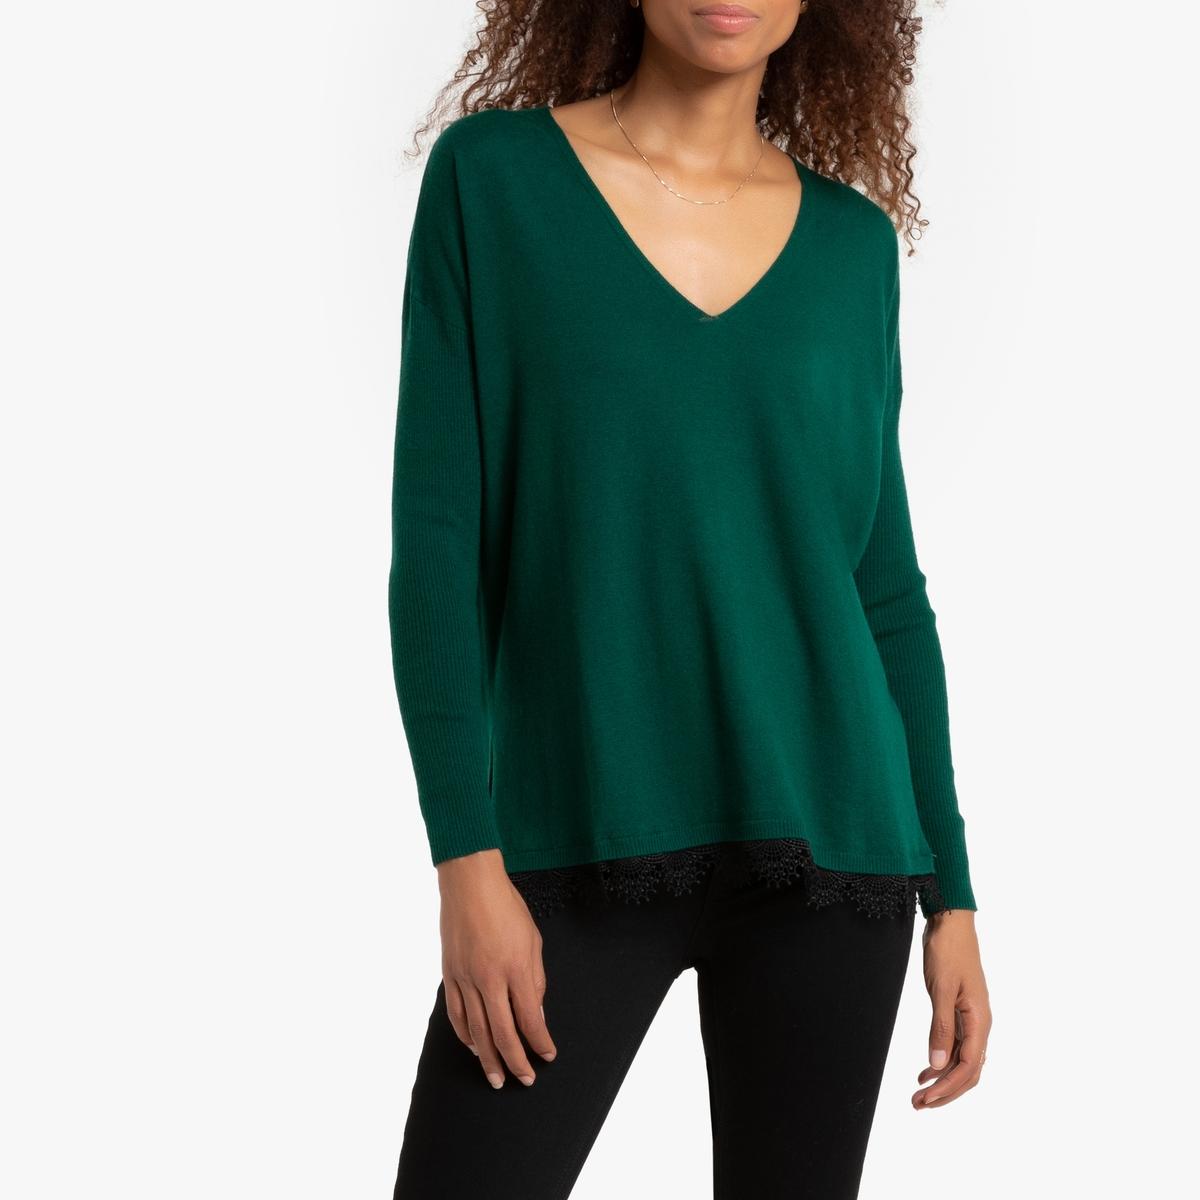 Пуловер La Redoute С V-образным вырезом и отделкой кружевом внизу Moppa M зеленый комбинезон la redoute с брюками с v образным вырезом и отделкой кружевом l черный